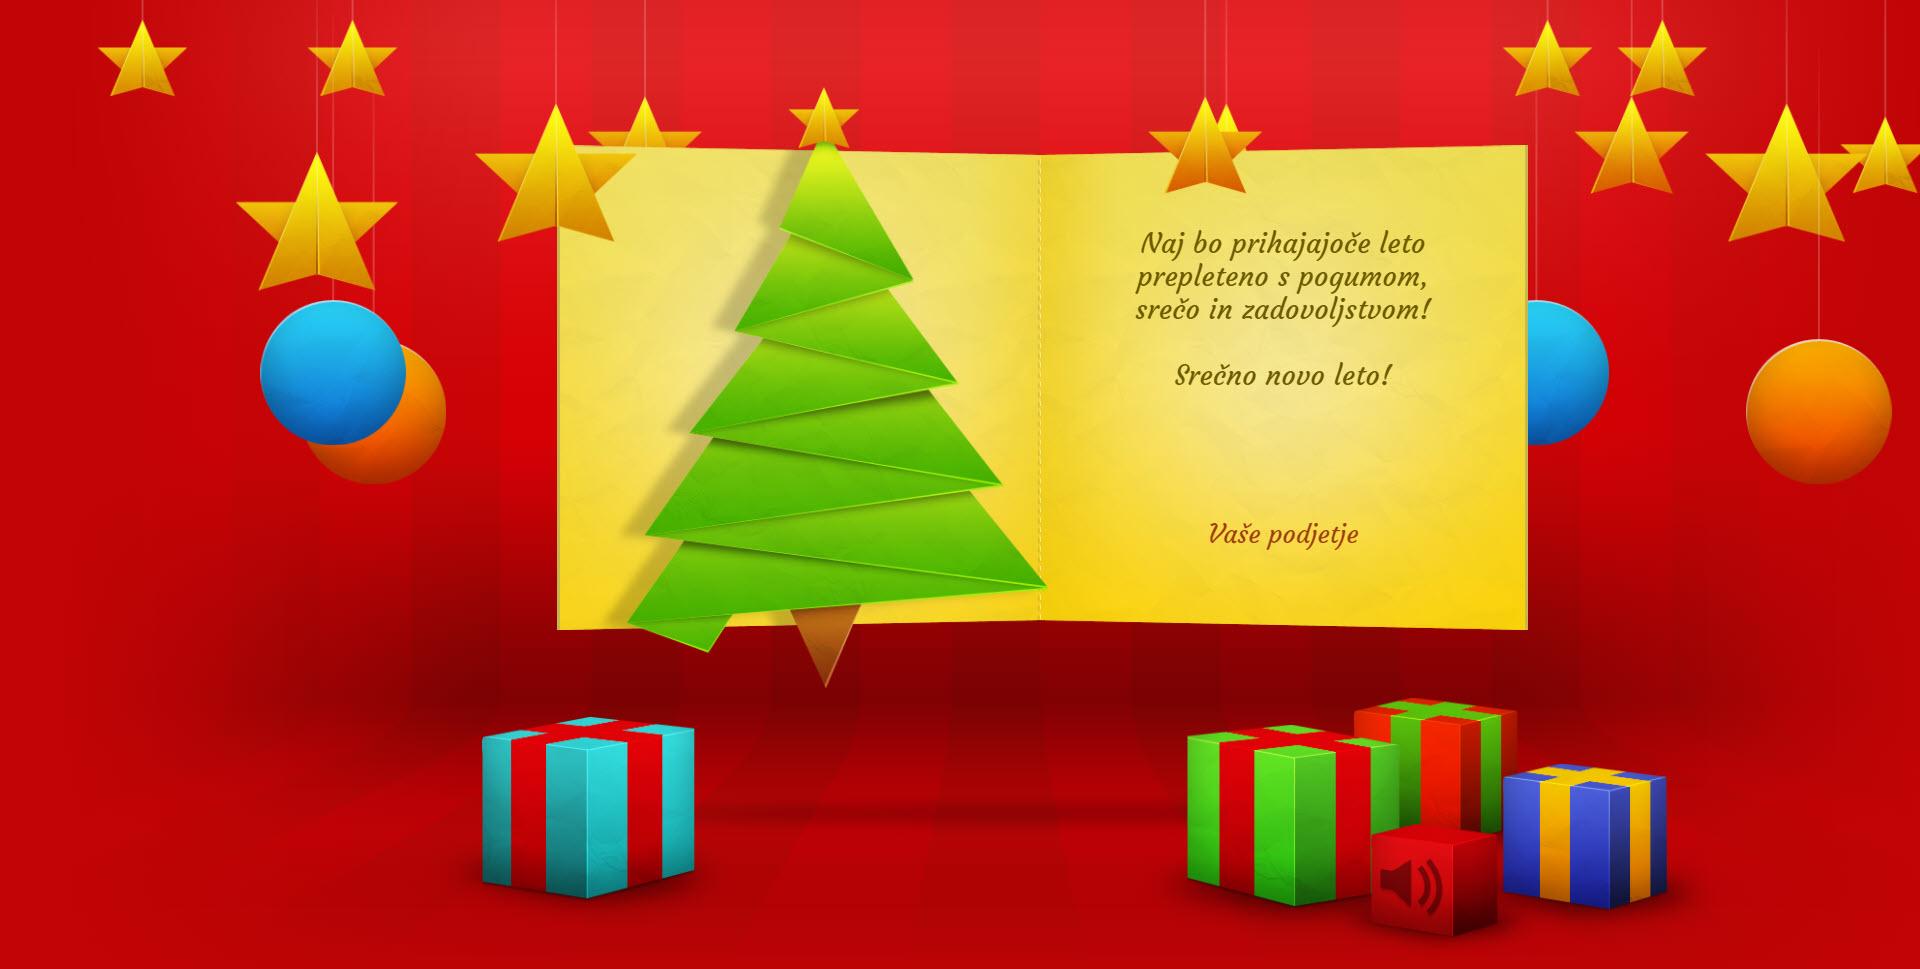 christmas card with many effects version red - Naročilo voščilnice